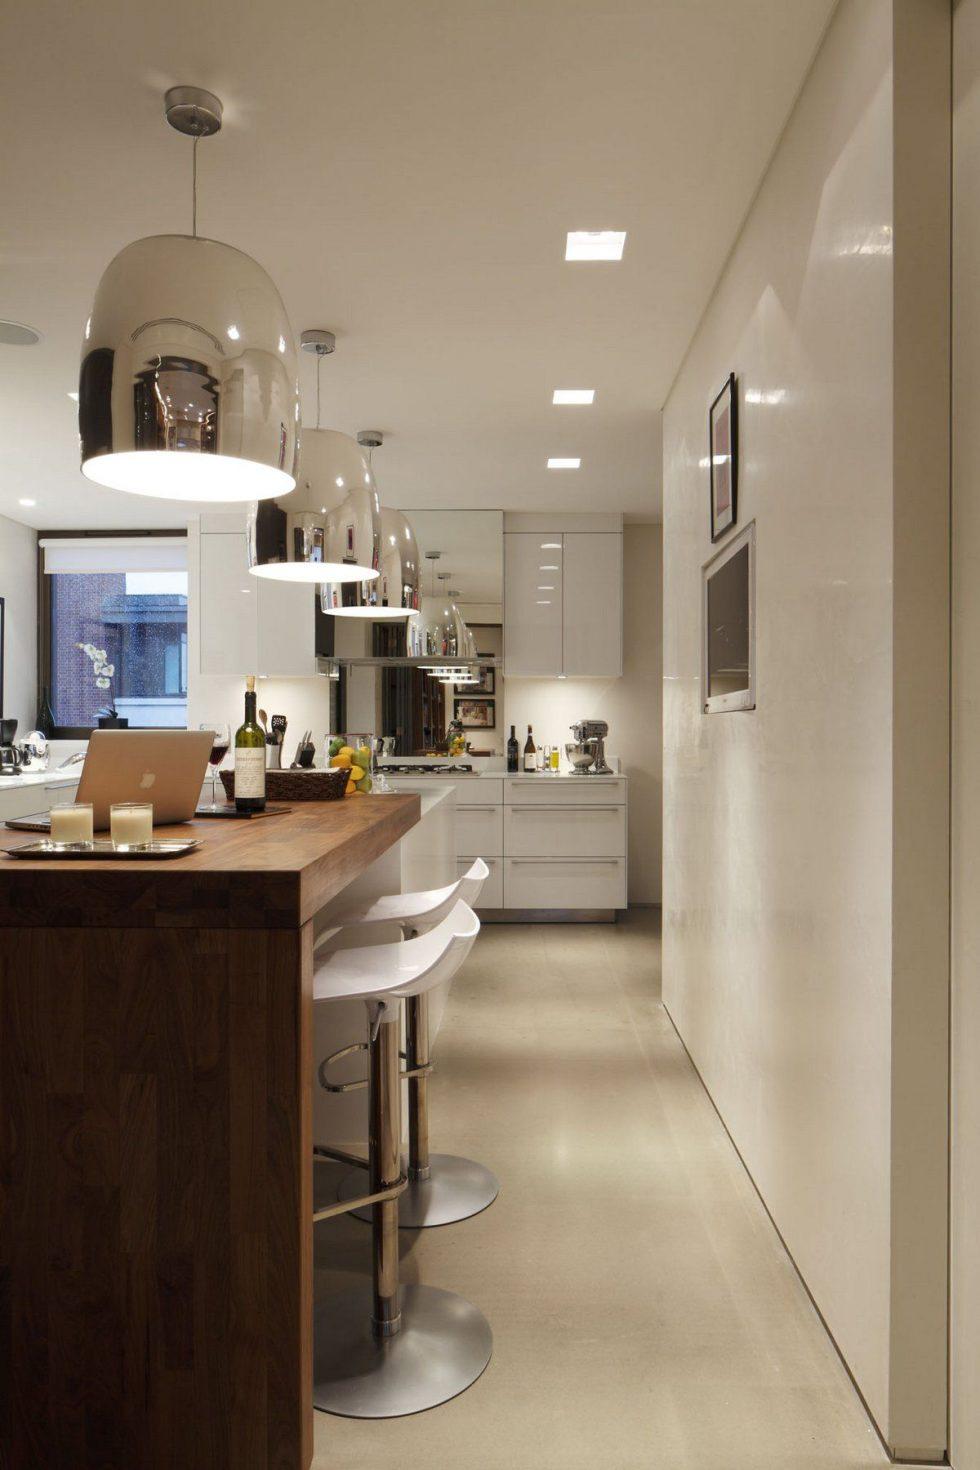 Kensington Place - Kitchen